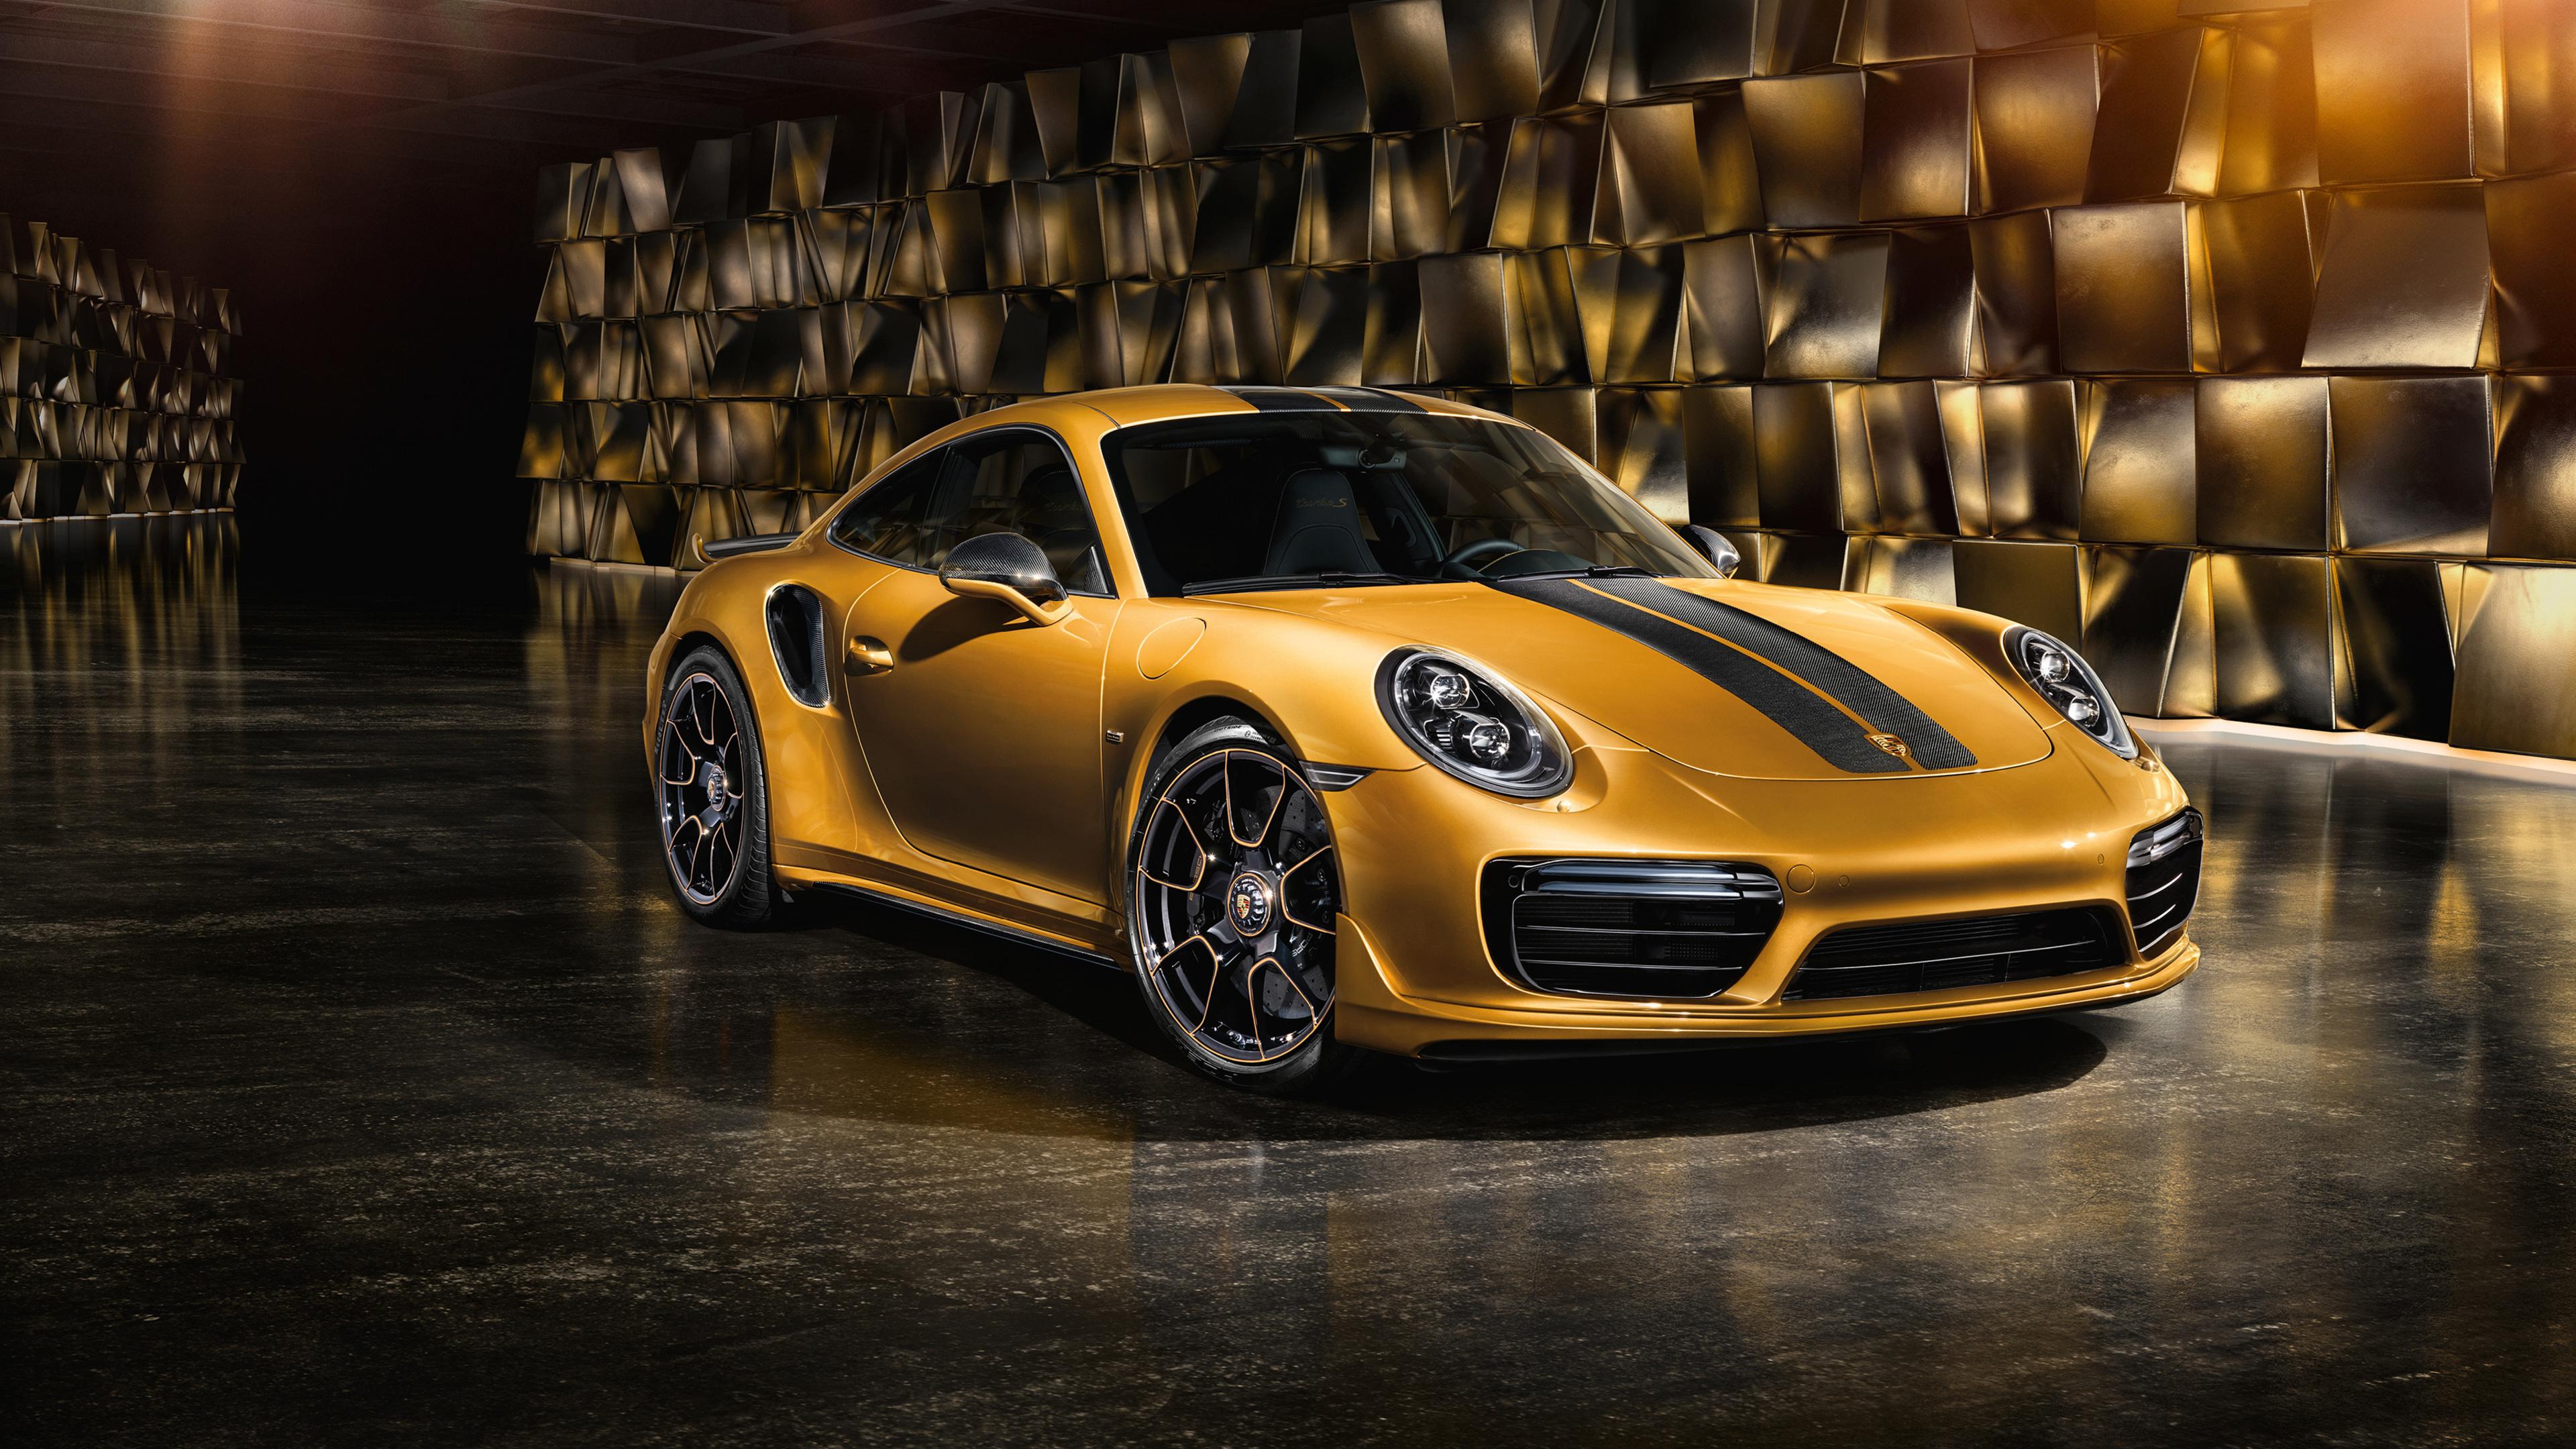 25 years porsche exclusive series porsche 911 turbo 1539105963 - 25 Years Porsche Exclusive Series Porsche 911 Turbo - porsche wallpapers, porsche 911 wallpapers, hd-wallpapers, cars wallpapers, 4k-wallpapers, 2018 cars wallpapers